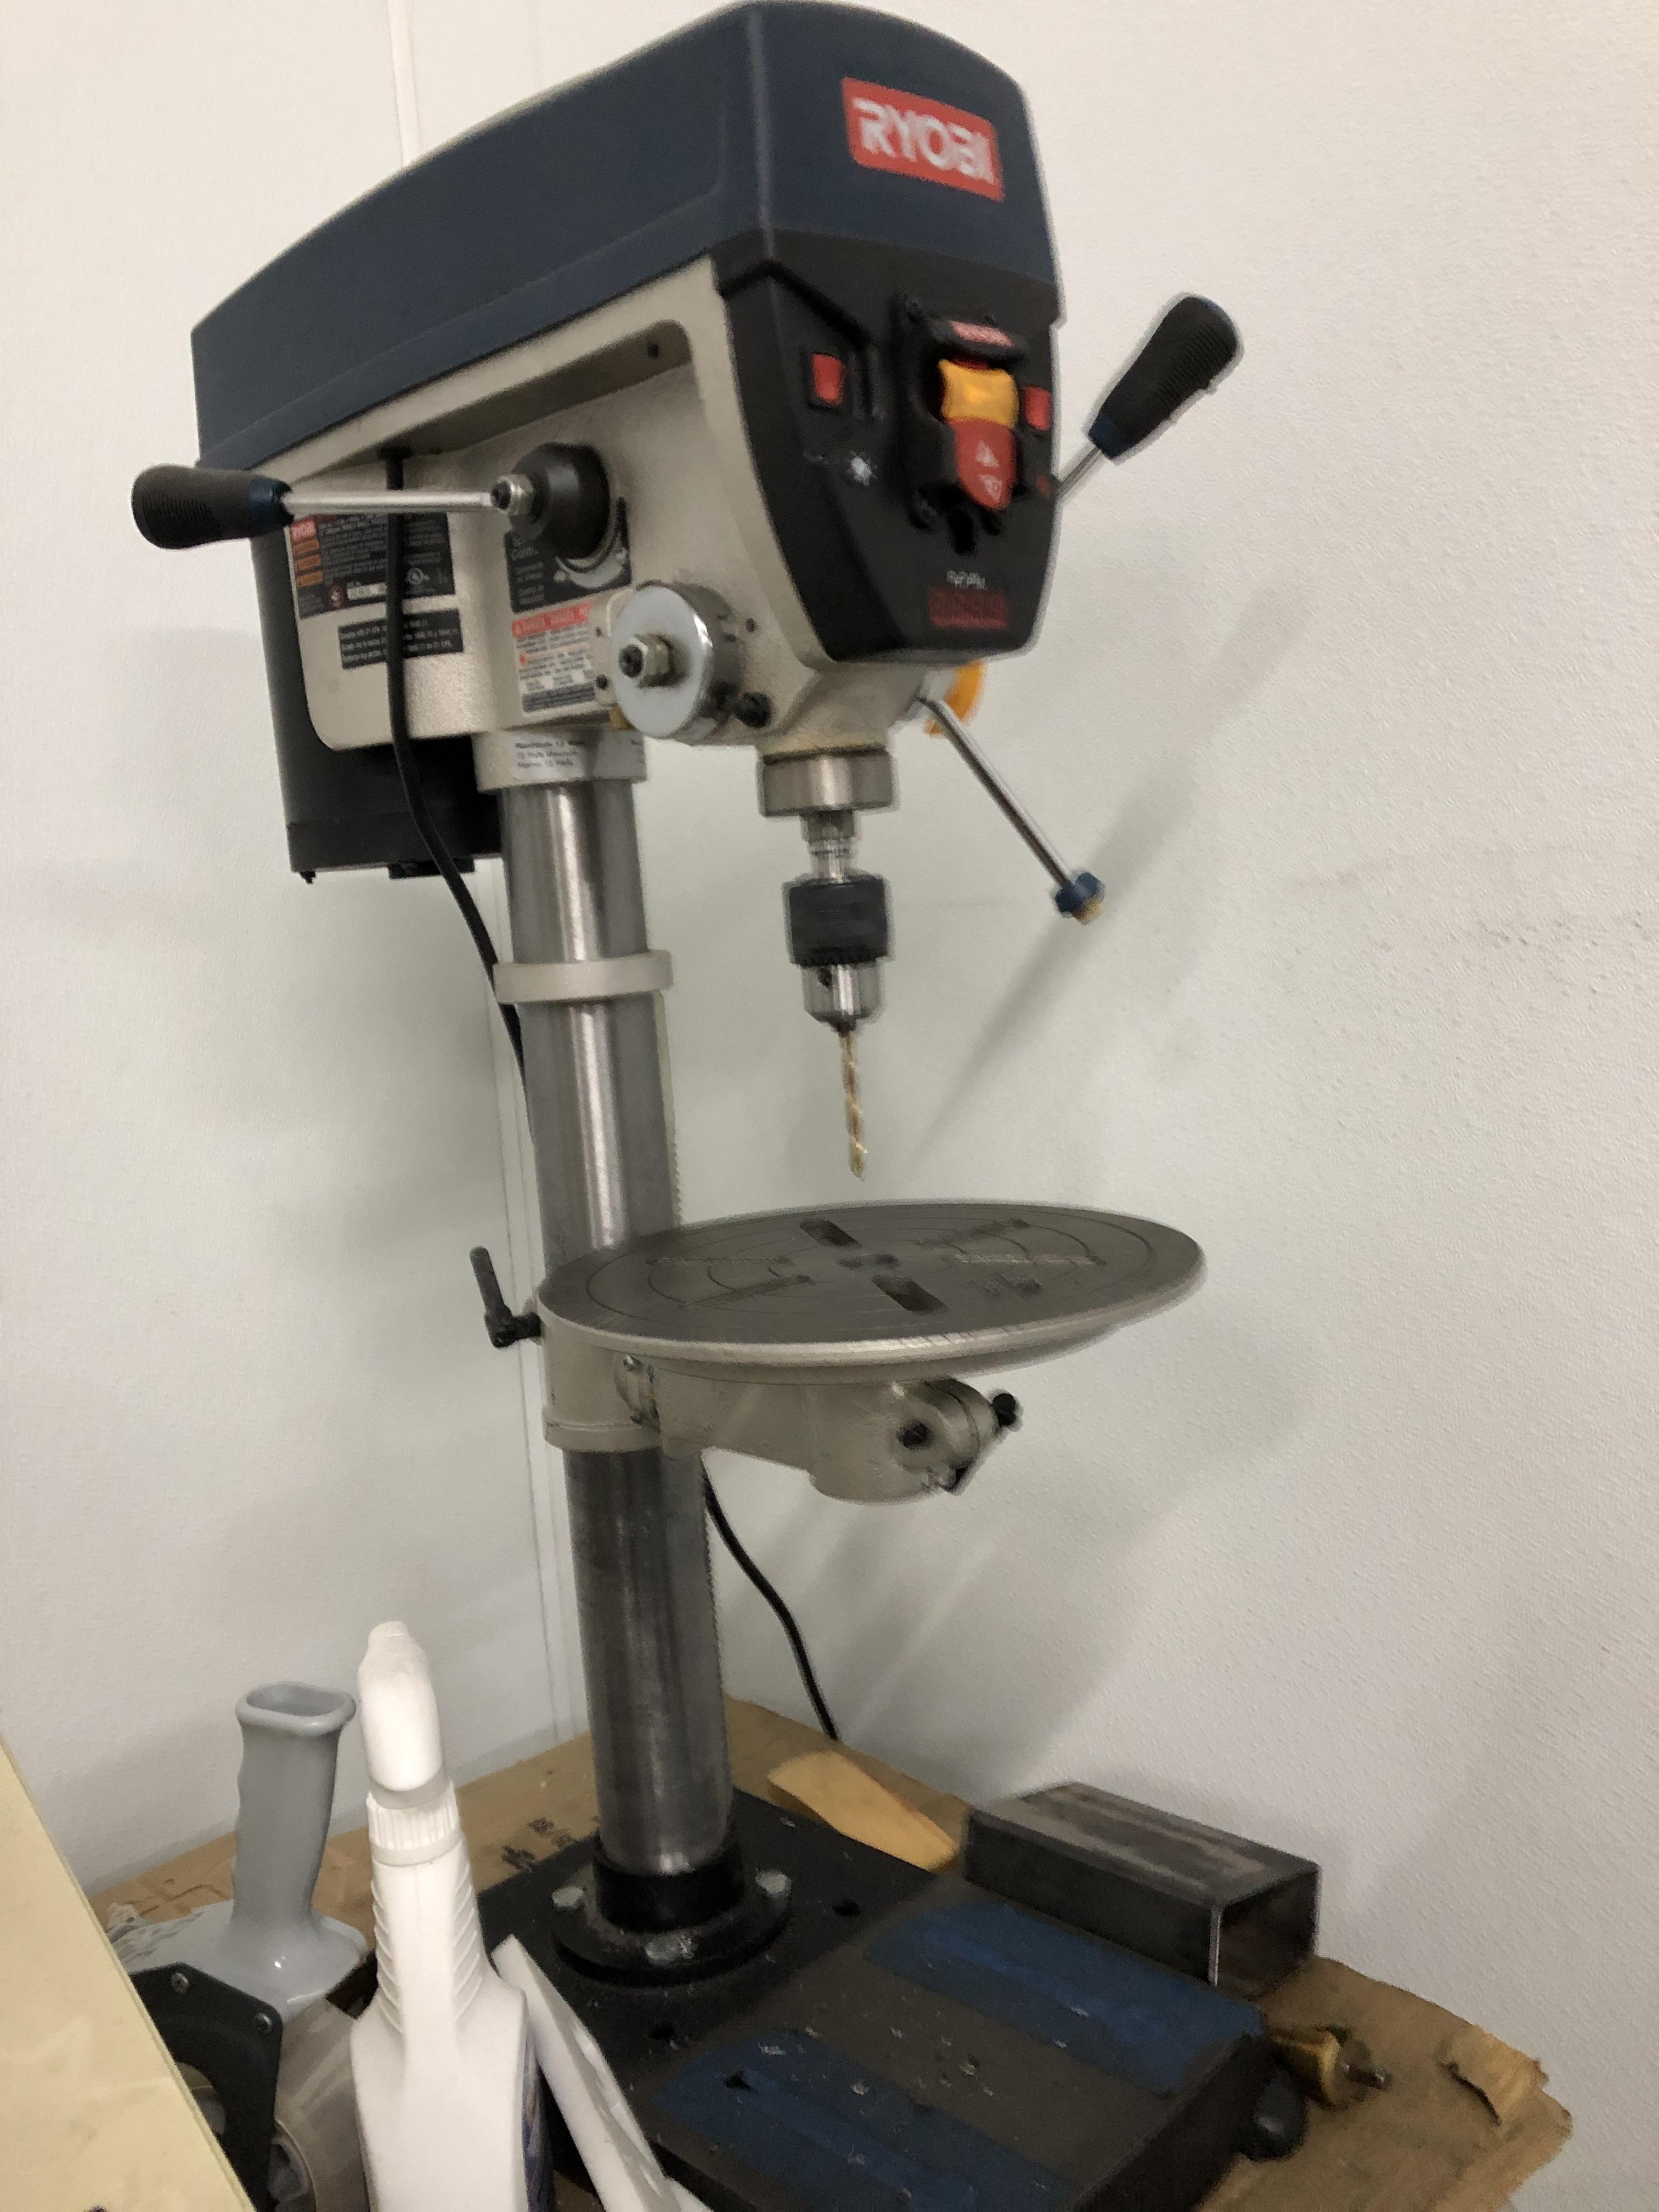 Lot 58 - Ryobi DP121L Drill Press